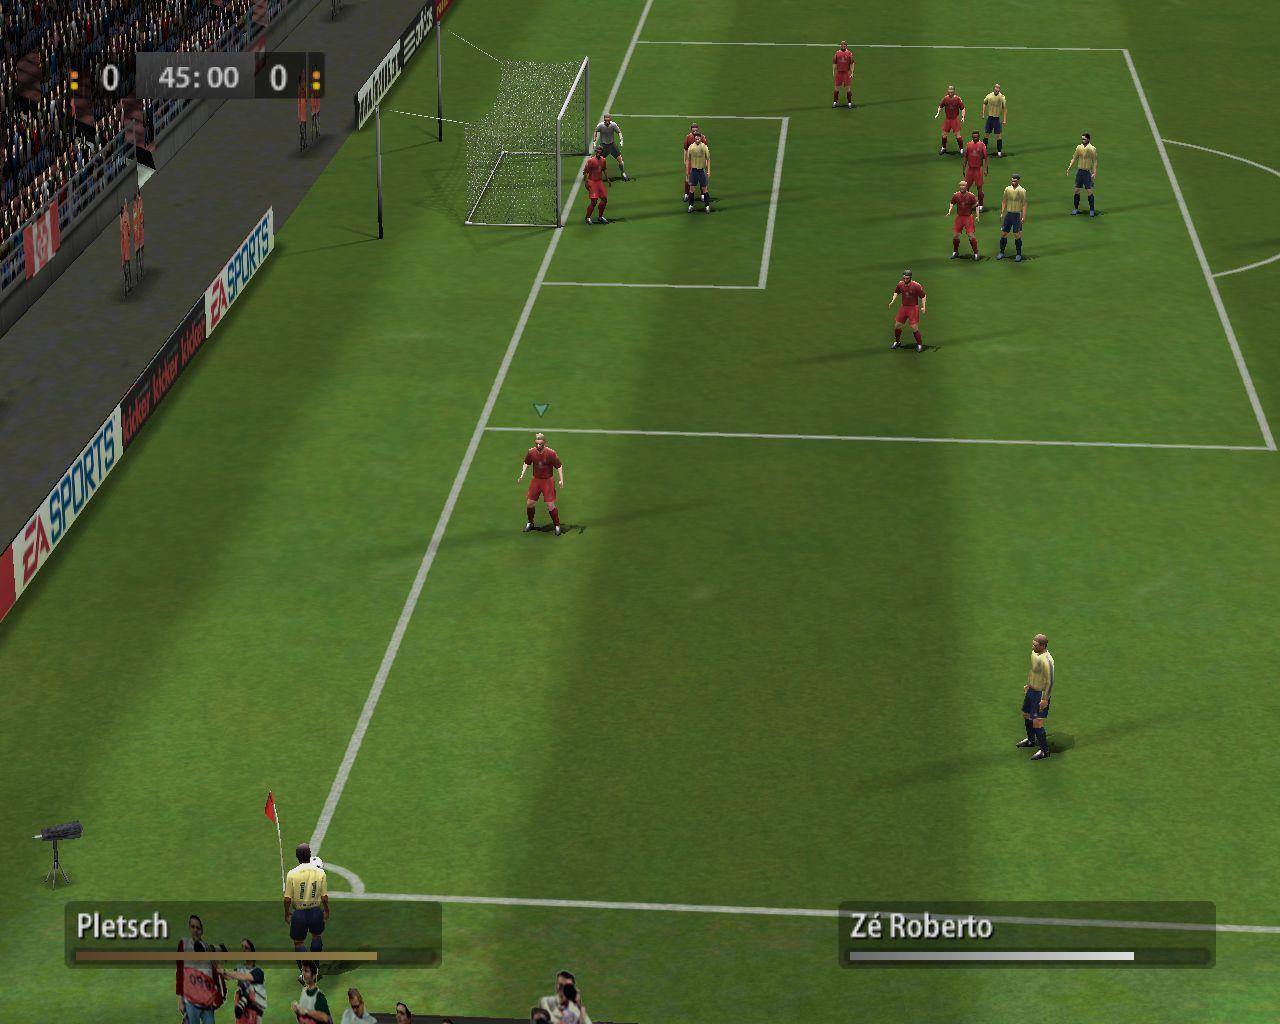 تحميل لعبة فيفا 6 FIFA لعبة كرة القدم كاملة برابط مباشر 134172-fifa-soccer-0